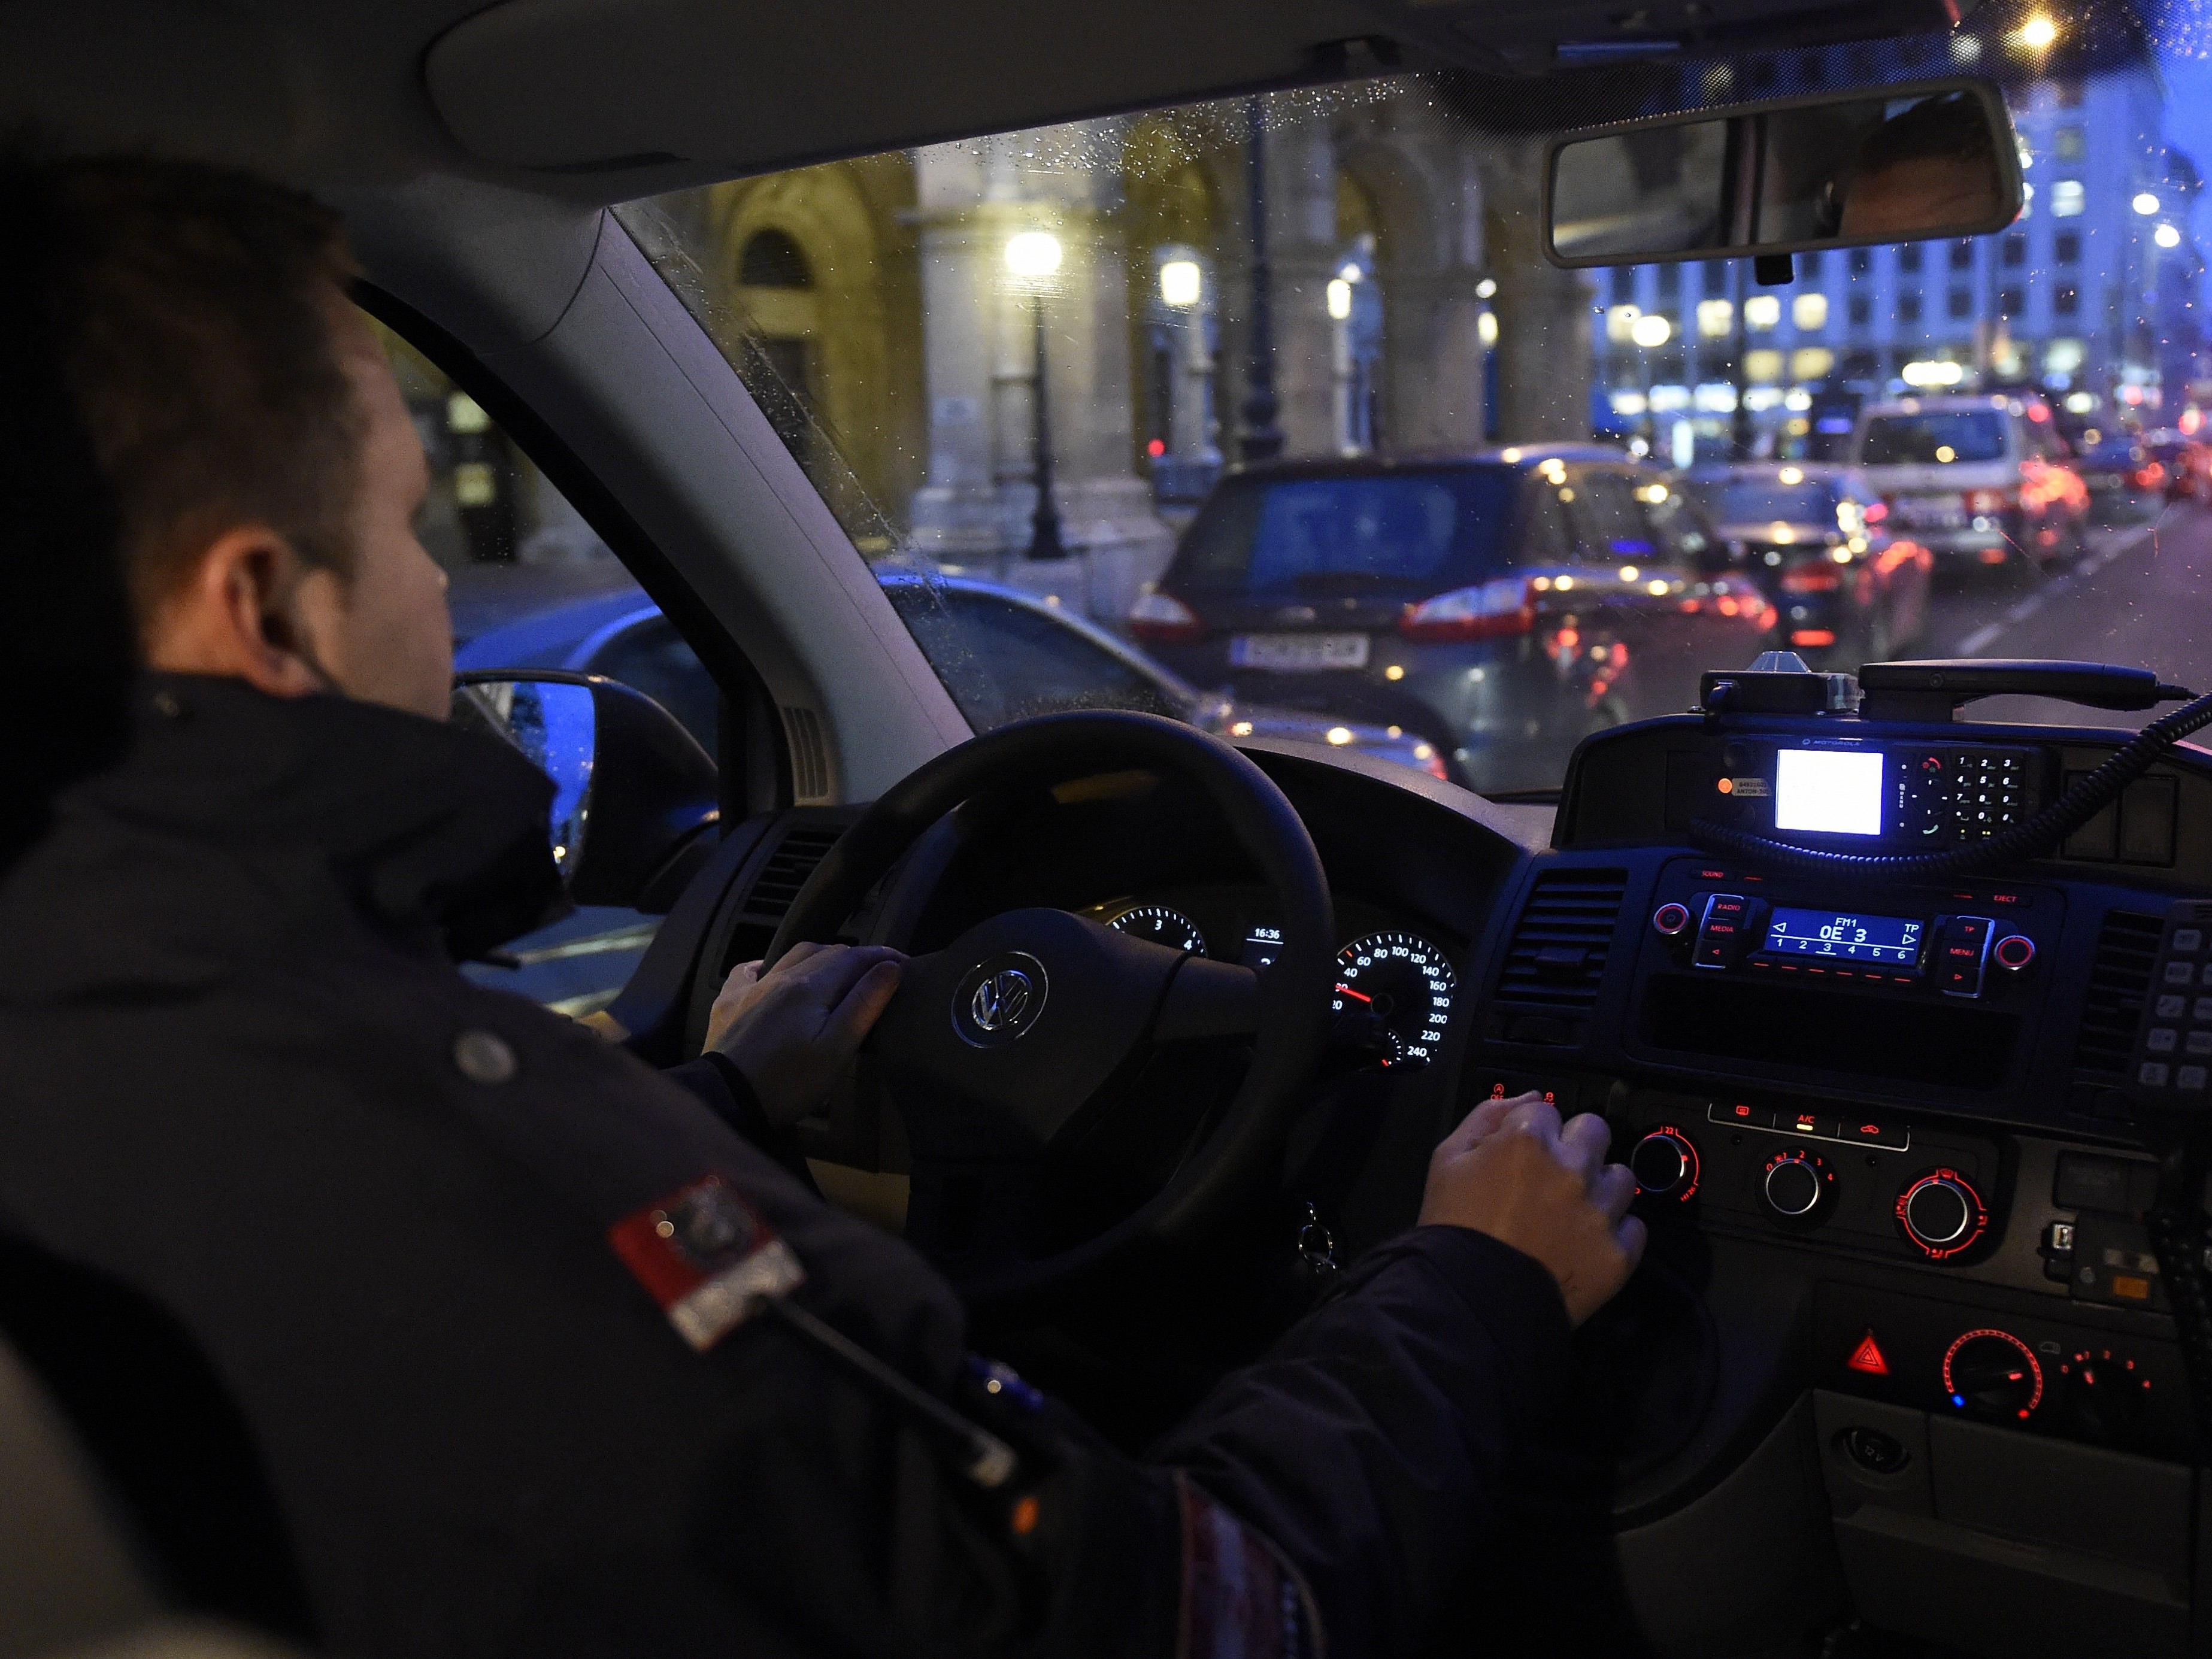 Ein 48-Jähriger konnte dank eines Zeugen verhaftet werden